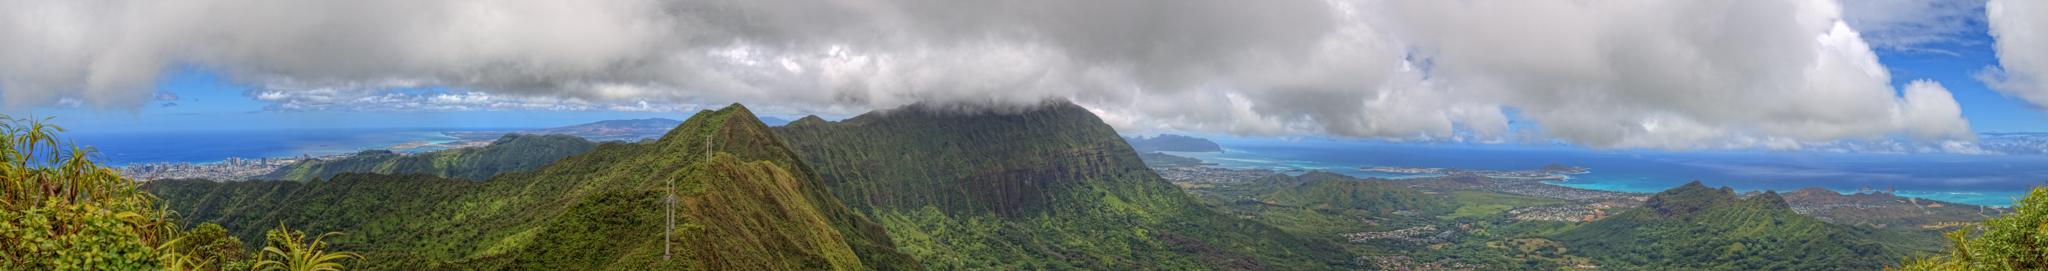 Atop Ka'au Crater